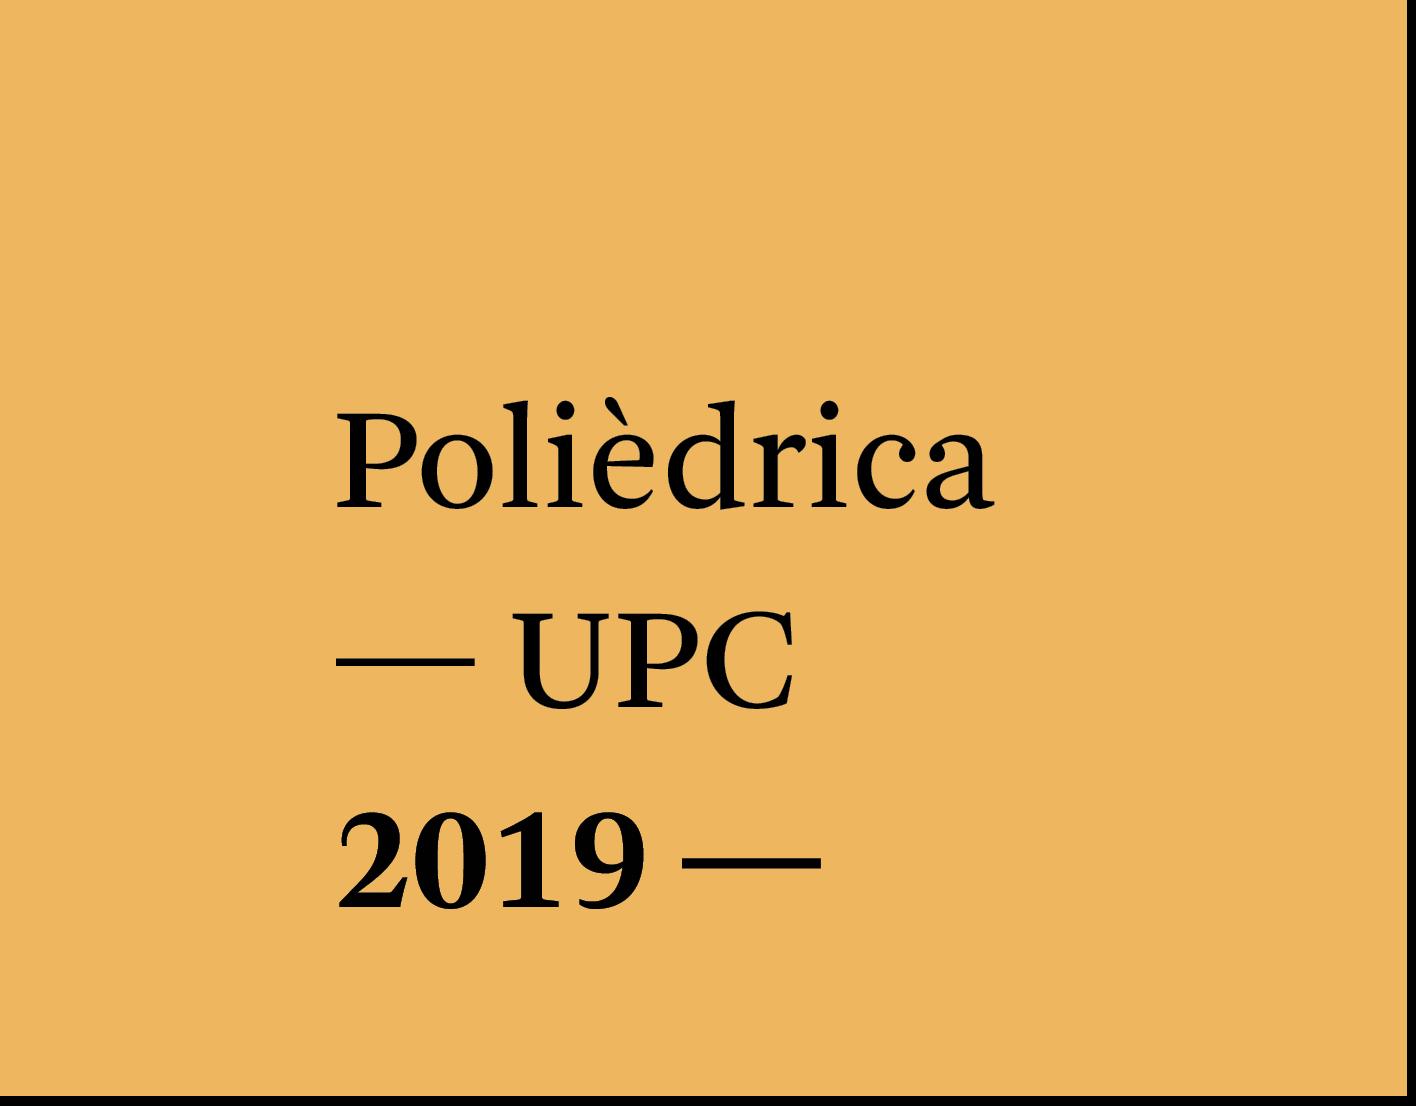 08_Icona Web_Poliedrica.jpg